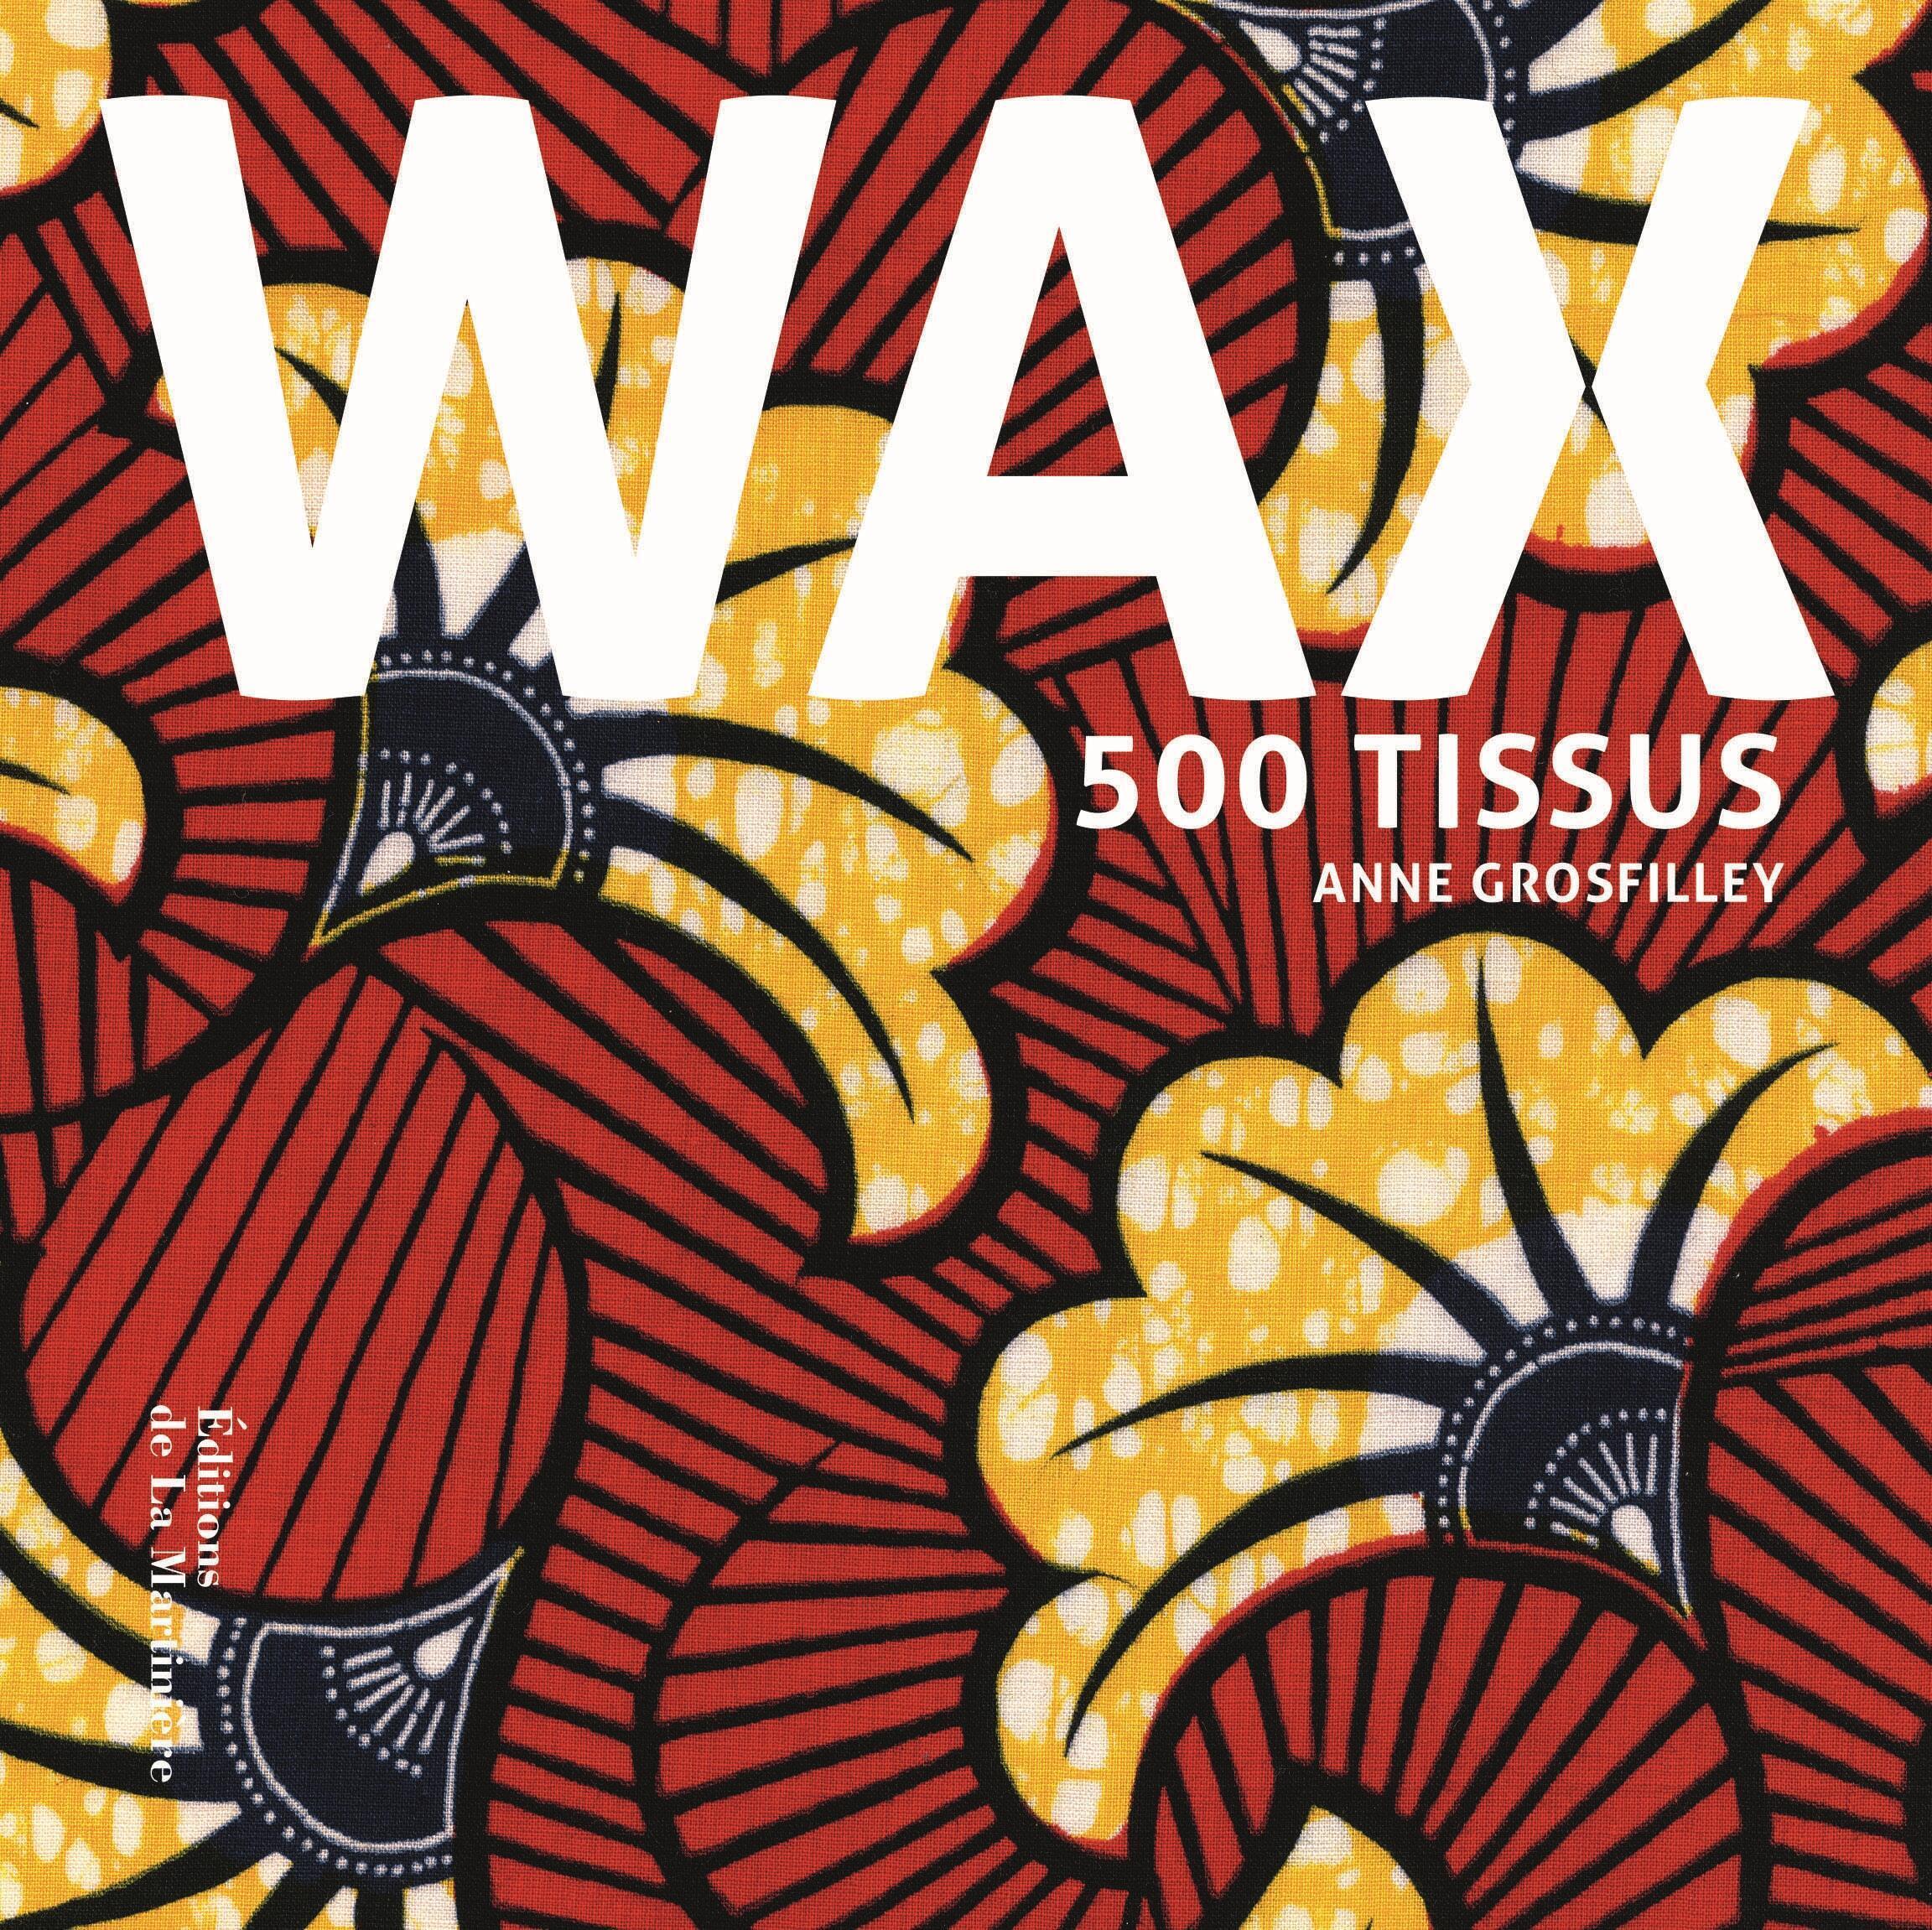 Couverture du livre «Wax», 500 tissus d'Anne Grosfilley.